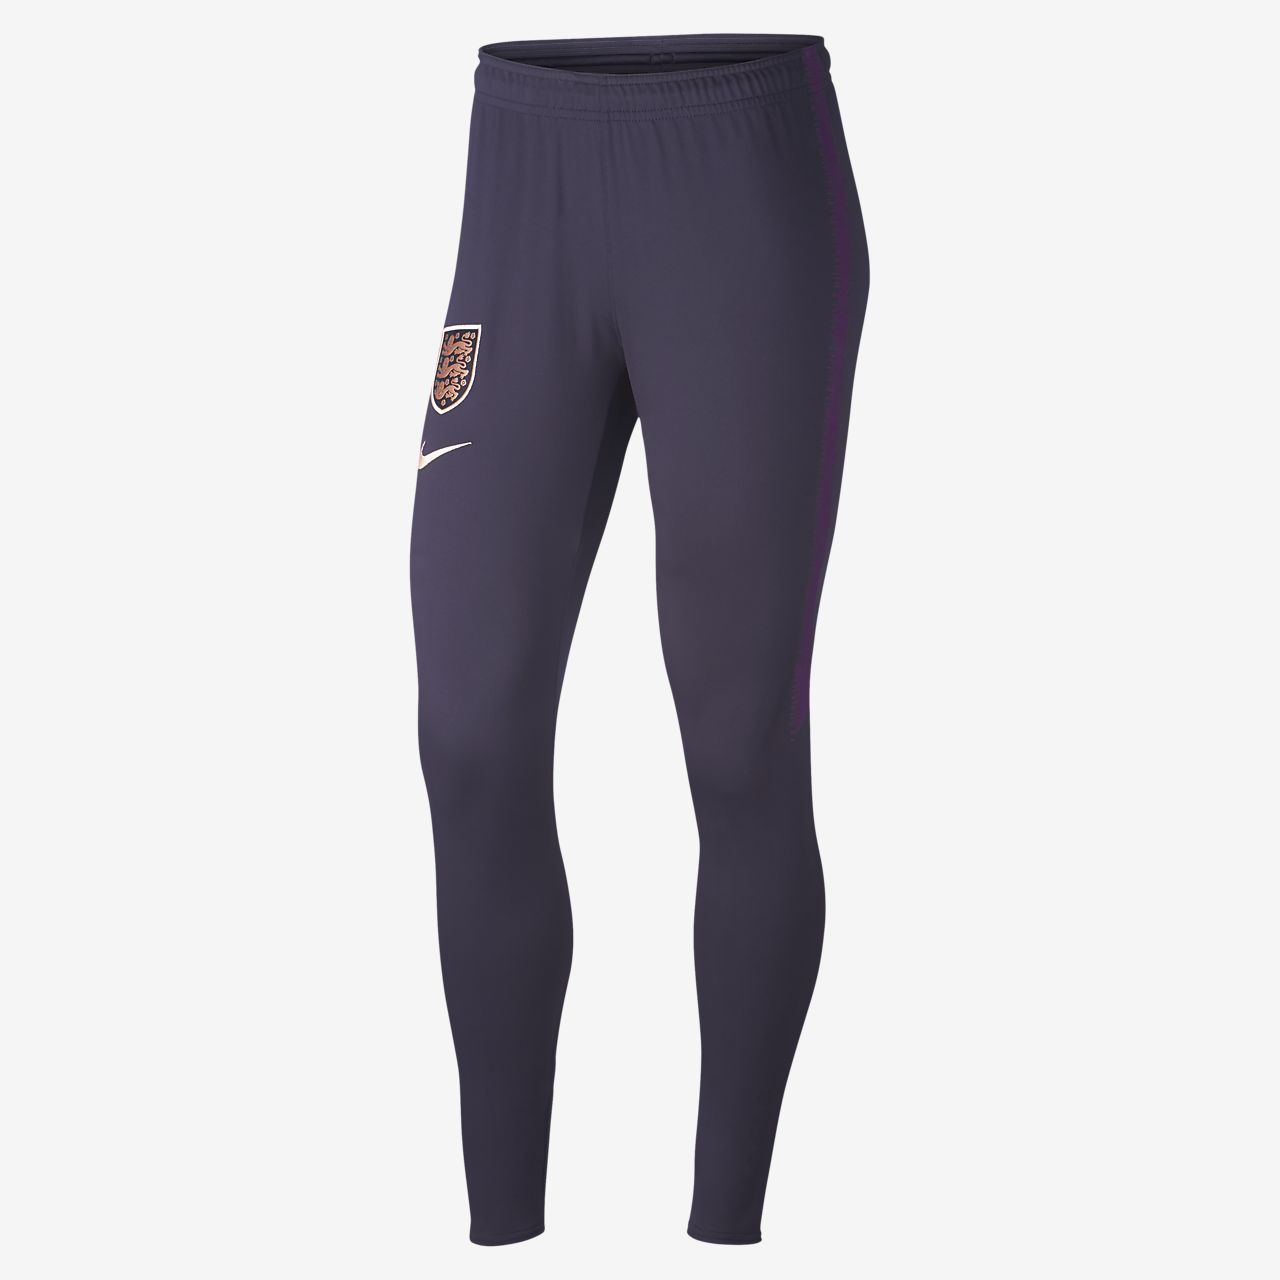 Γυναικείο ποδοσφαιρικό παντελόνι England Squad